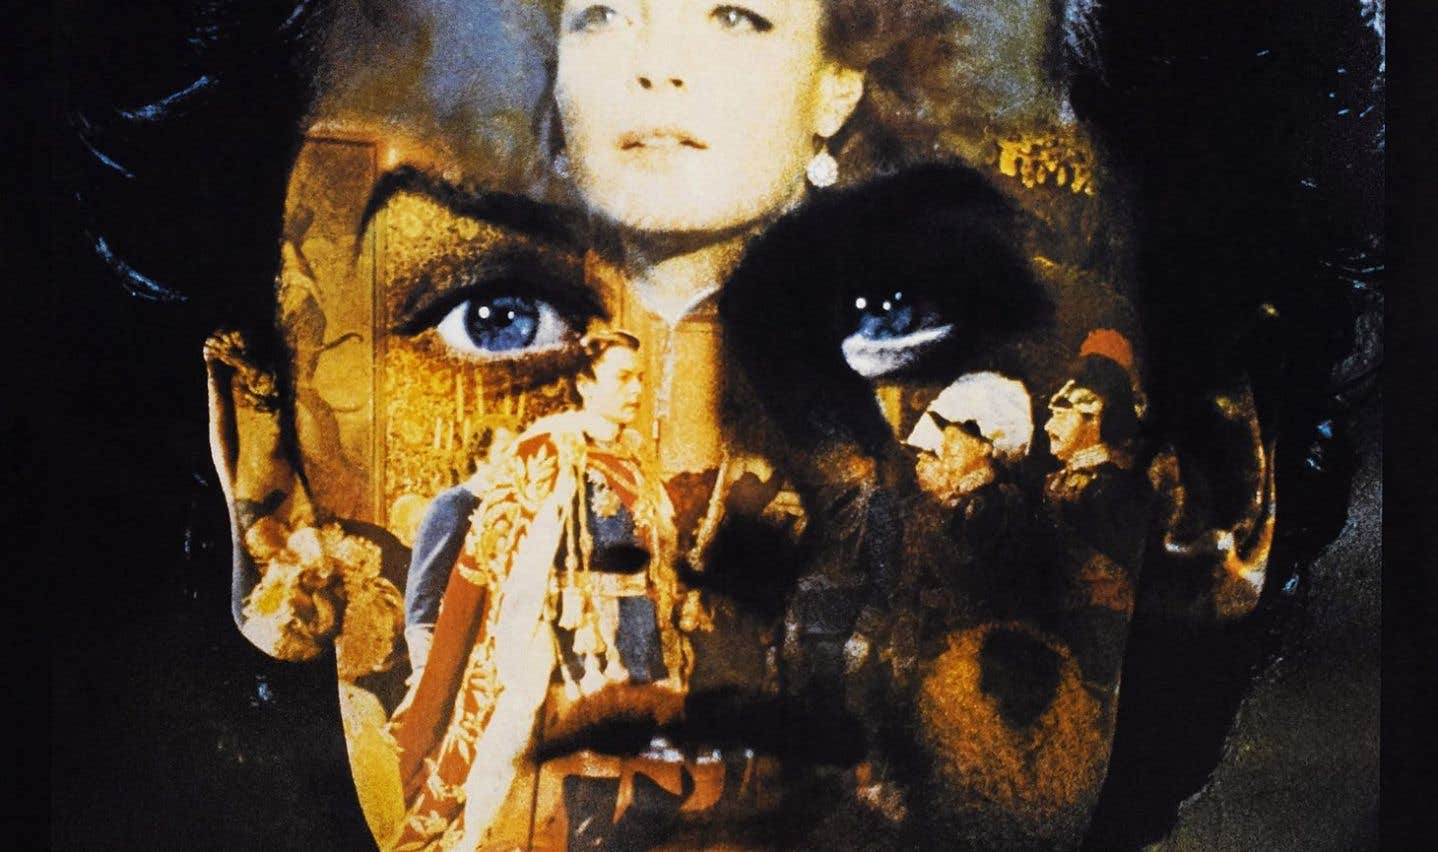 Affiche française du film «Ludwig» ou le crépuscule des dieux de Luchino Visconti